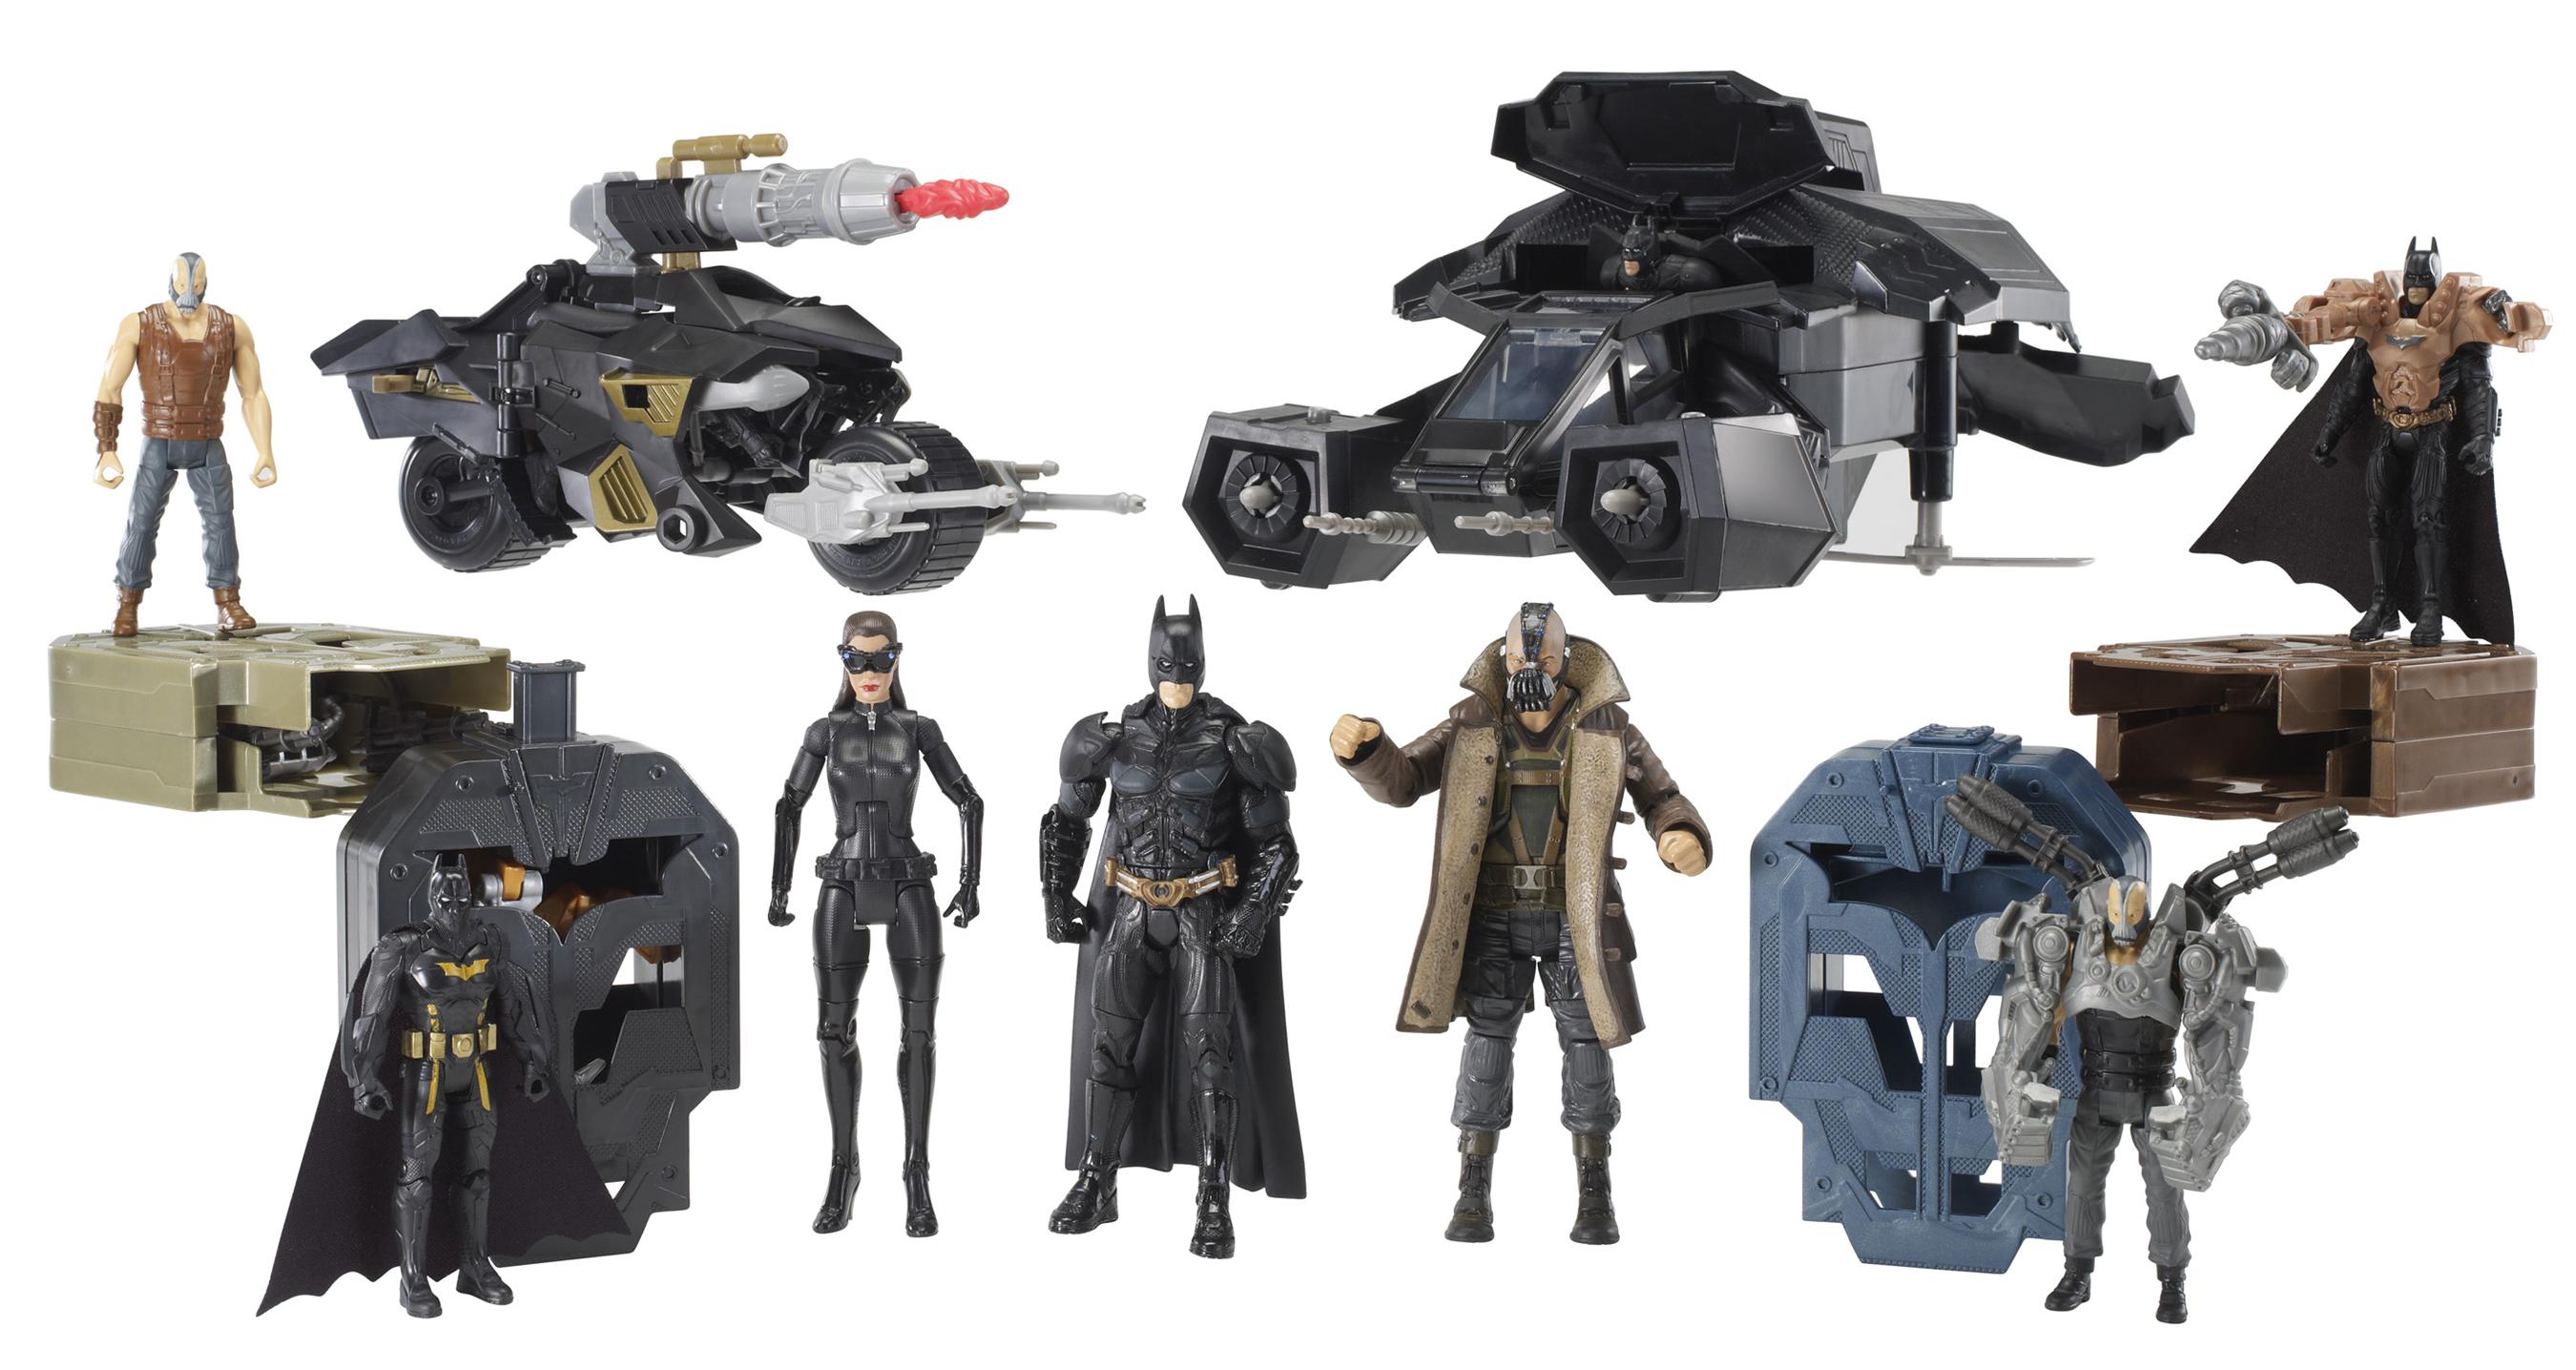 Batman Toy: A Batman Fan's Best Friend